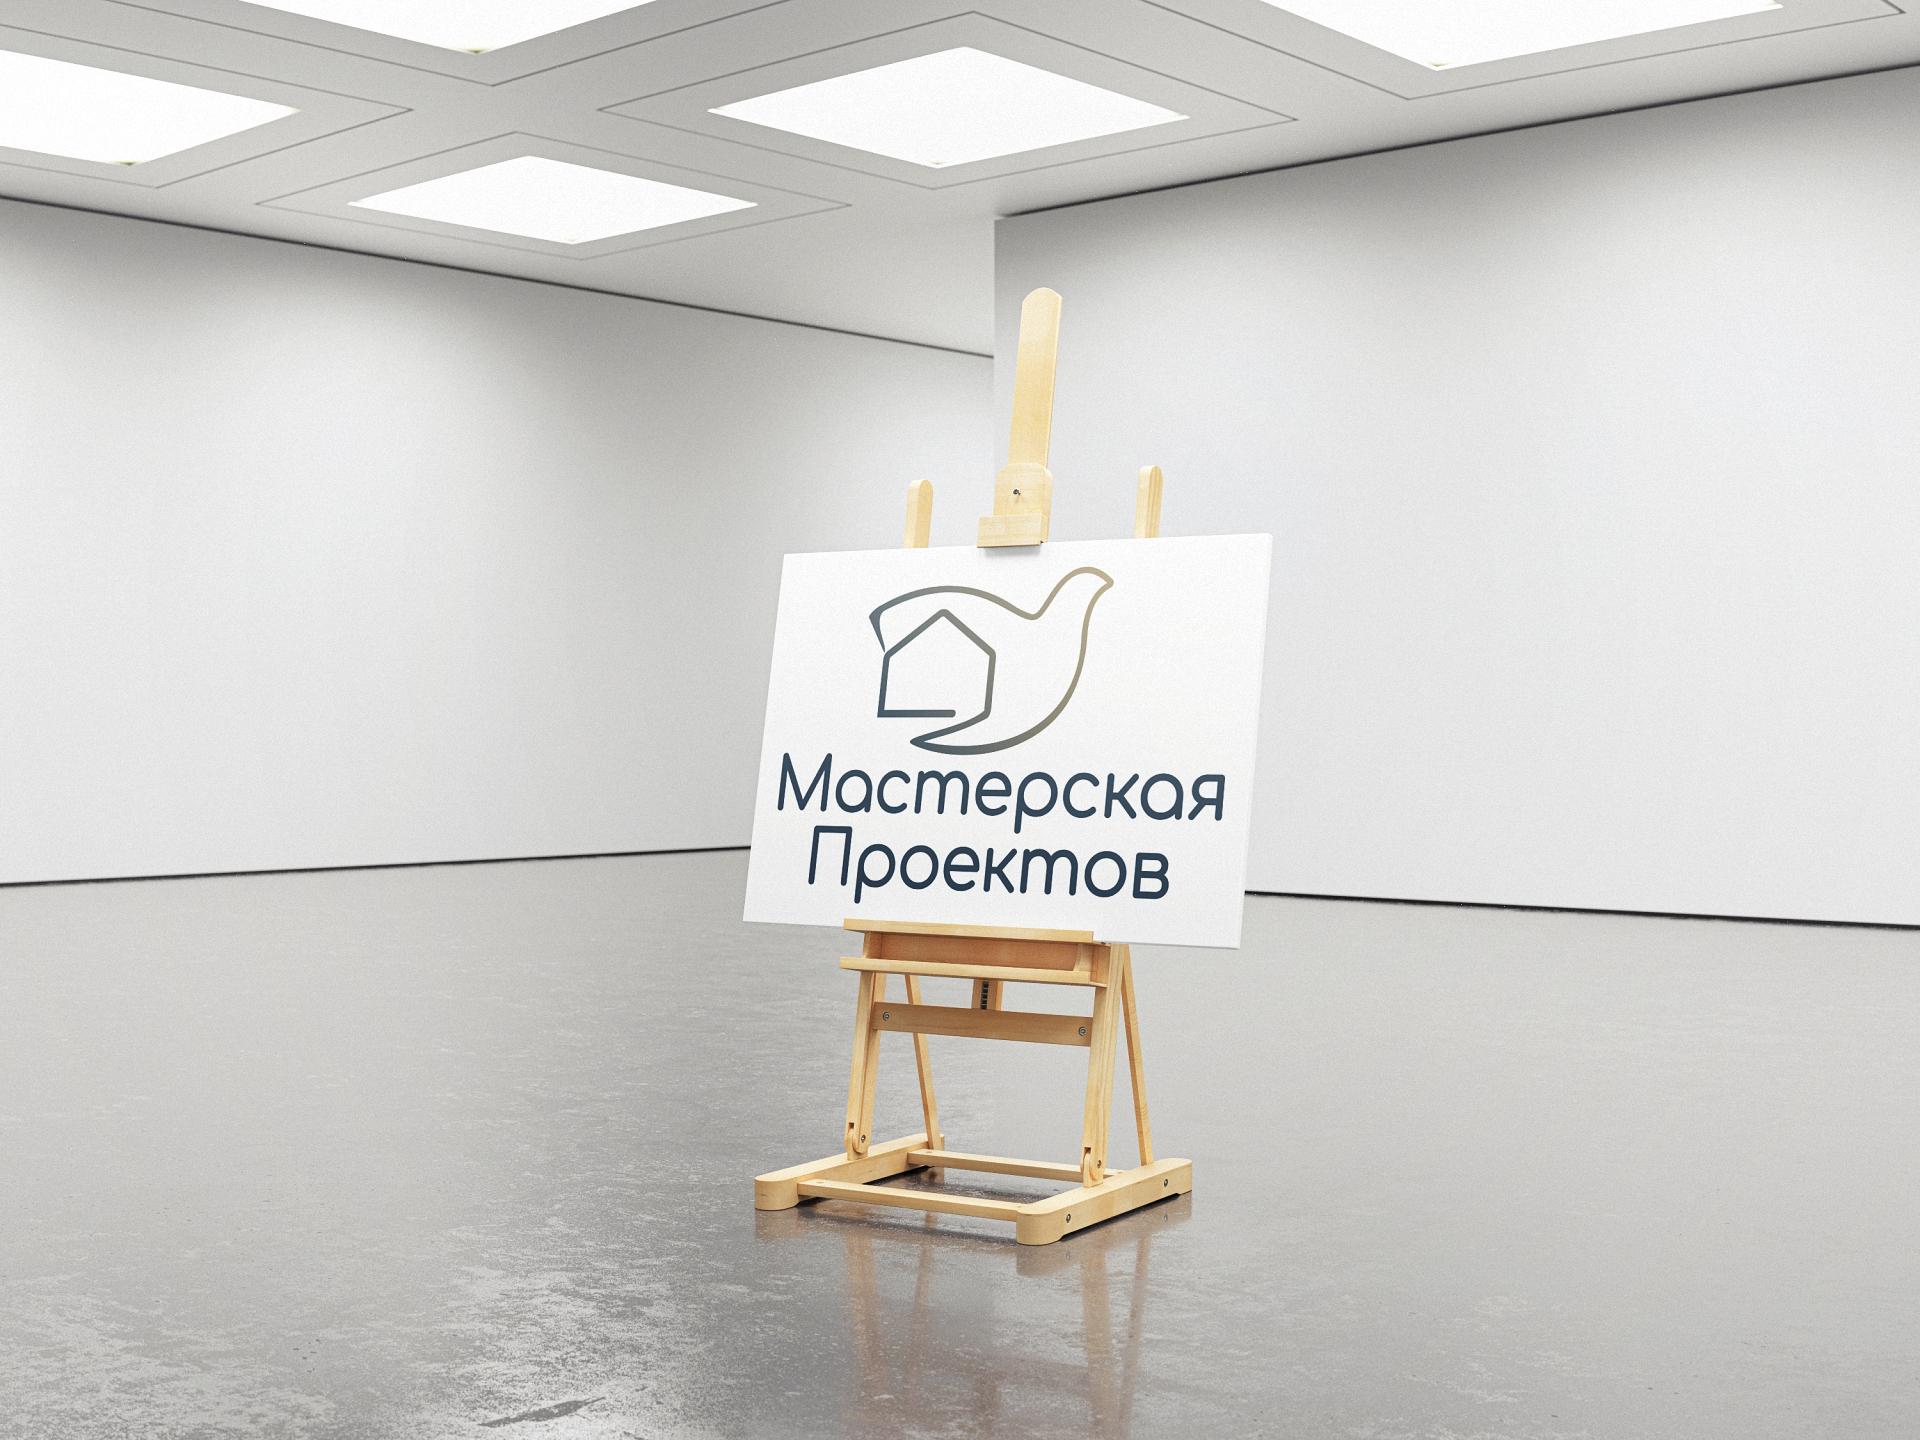 Разработка логотипа строительно-мебельного проекта (см. опис фото f_3676079f7ffd010b.jpg